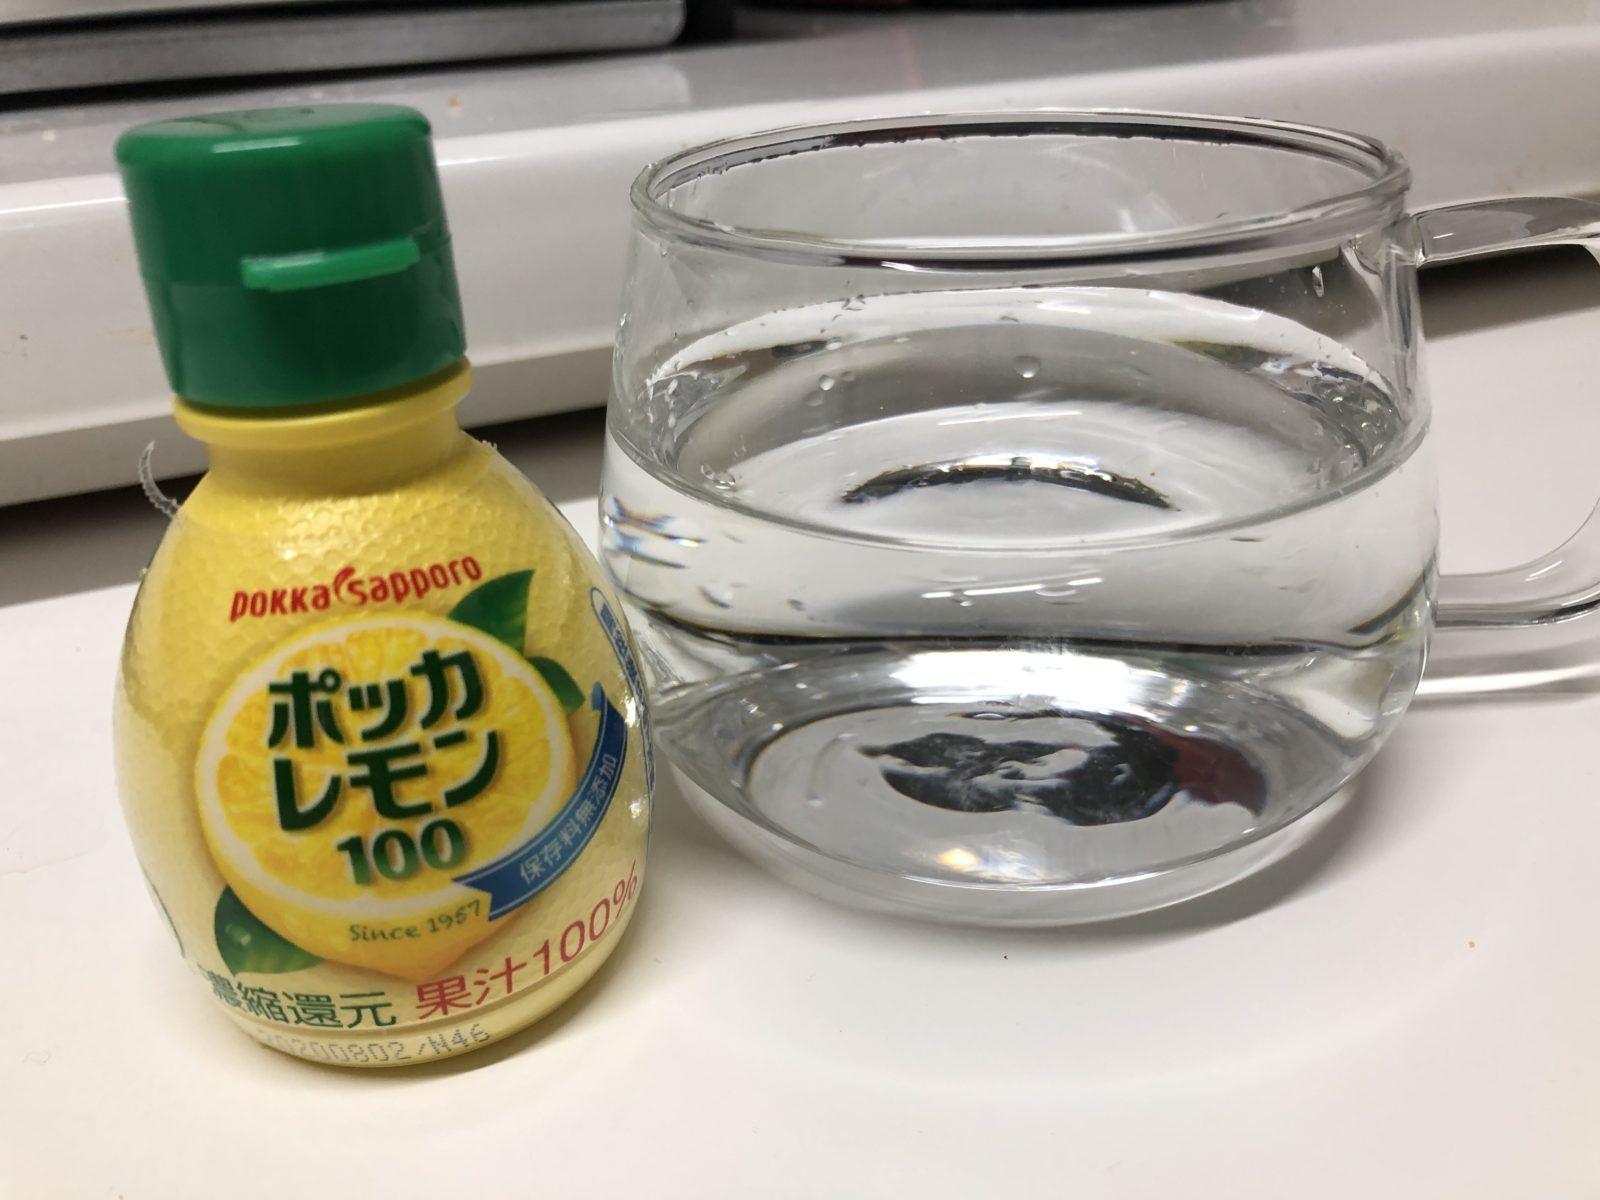 レモン 効果 白湯 ポッカ レモン レモン白湯は効果アリ!ポッカレモンでダイエットなら寝る前?